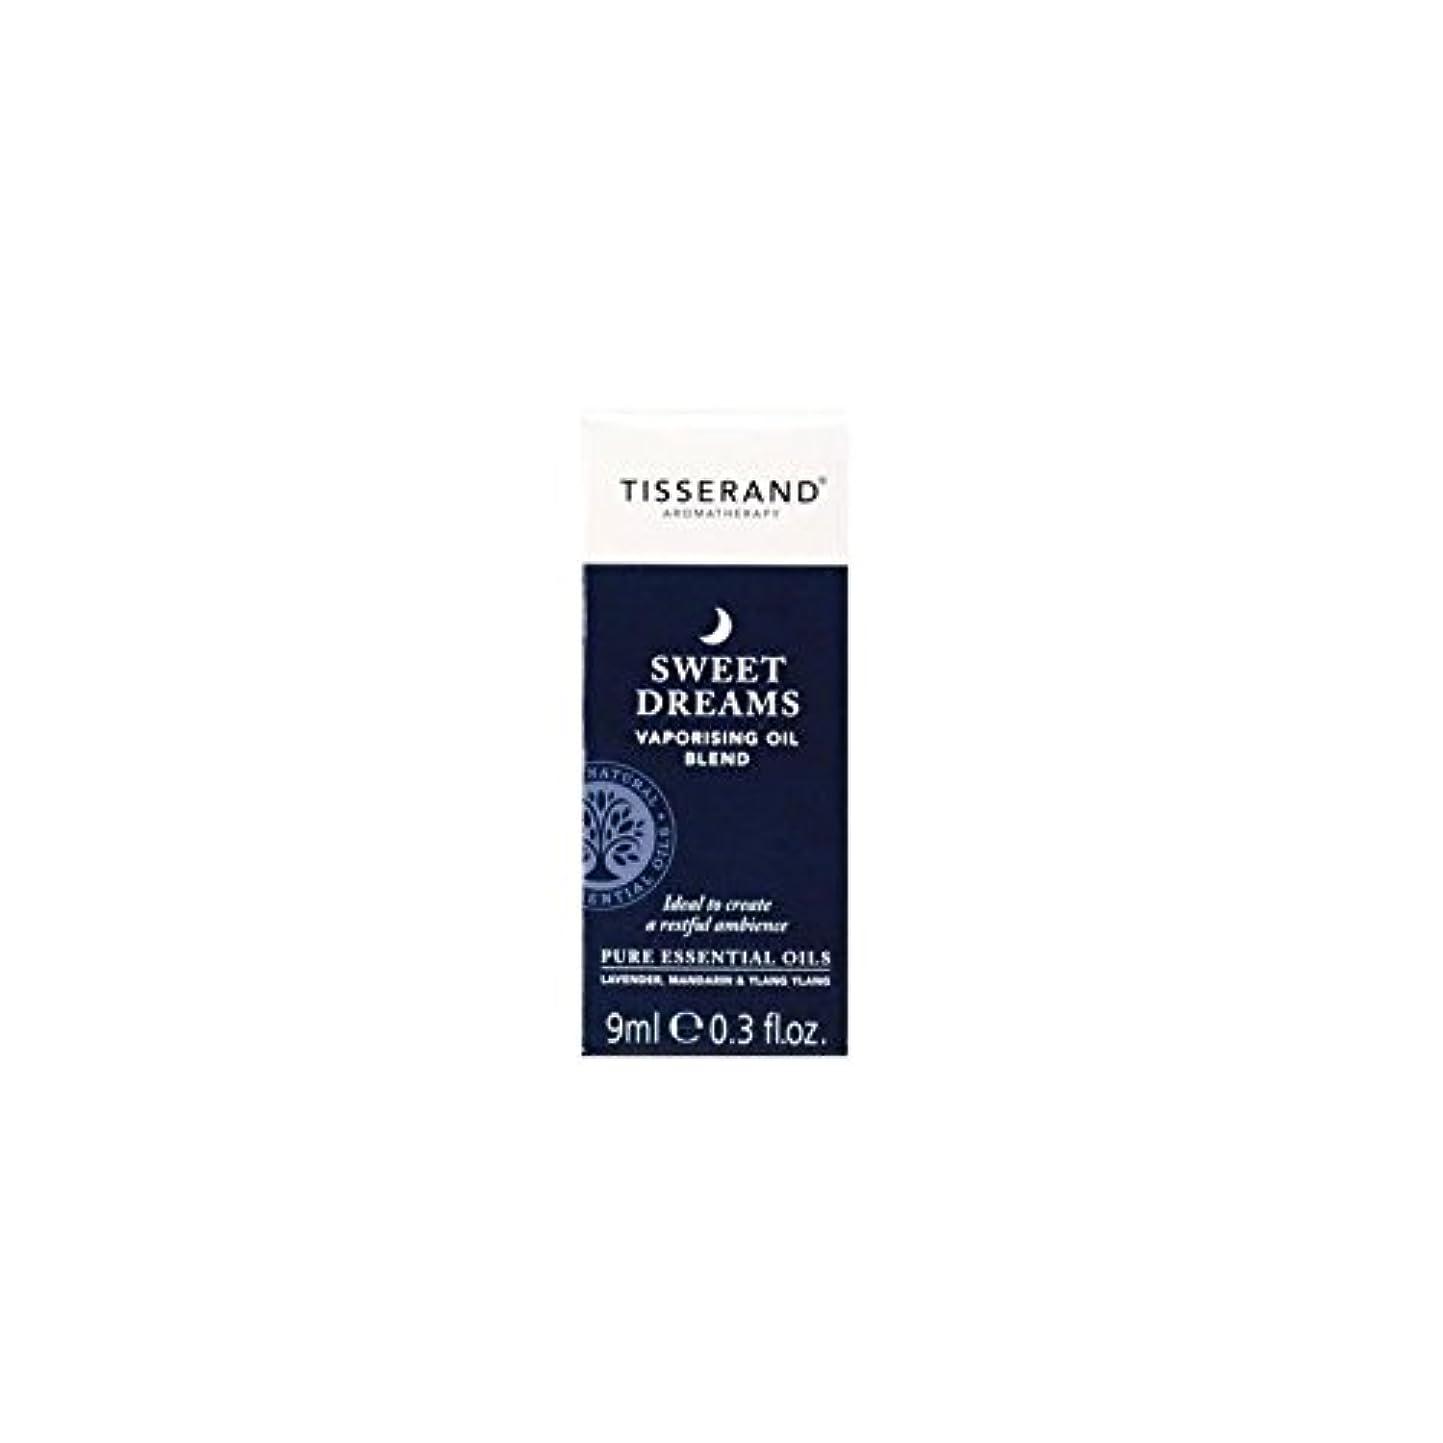 悪意のある杭軍オイル9ミリリットルを気化甘い夢 (Tisserand) - Tisserand Sweet Dreams Vaporising Oil 9ml [並行輸入品]